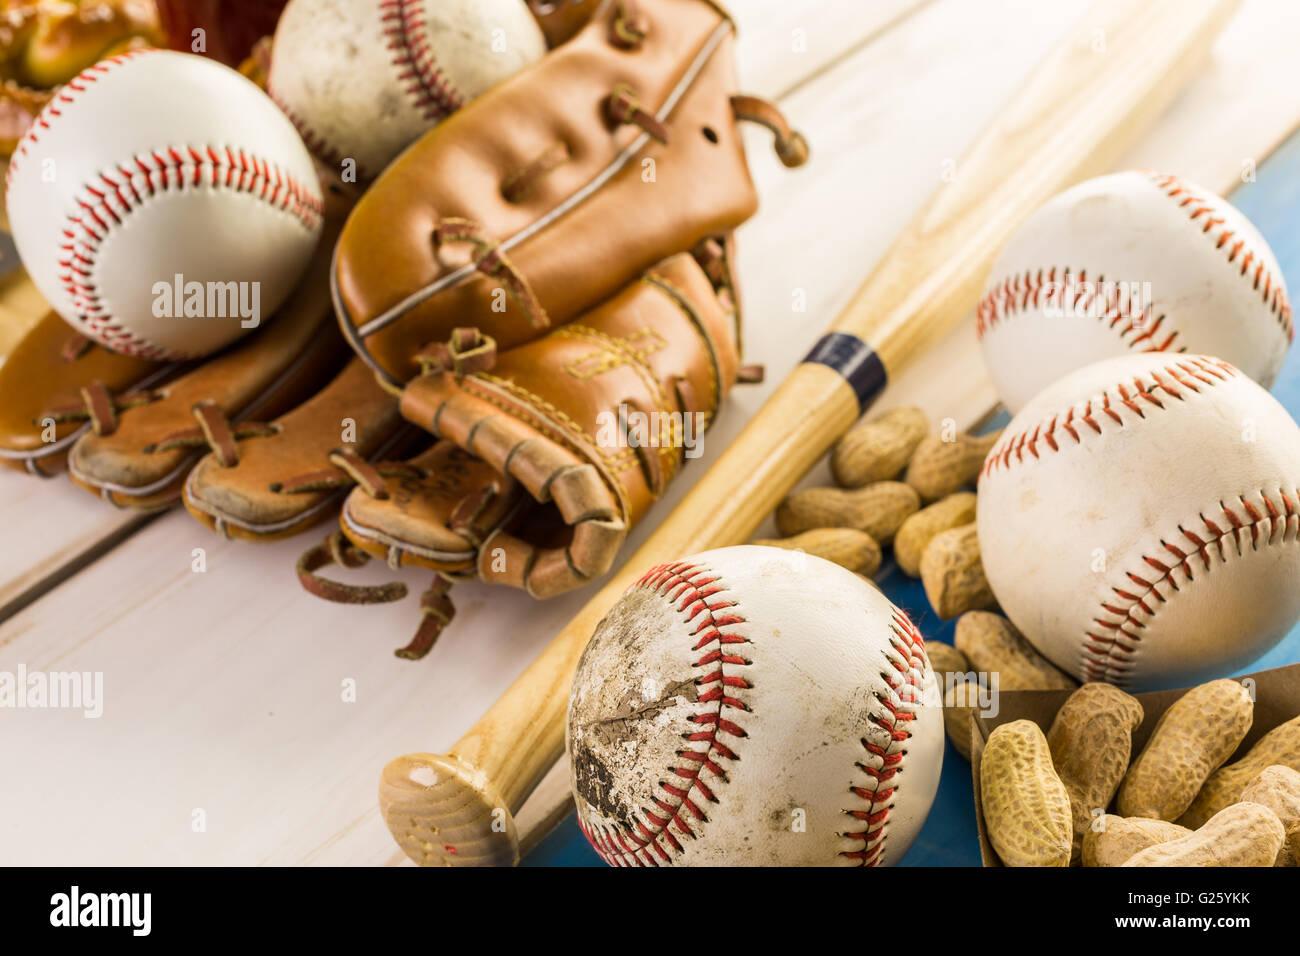 Nahaufnahme des alten abgenutzten Baseball-Ausrüstung auf einem hölzernen Hintergrund. Stockbild